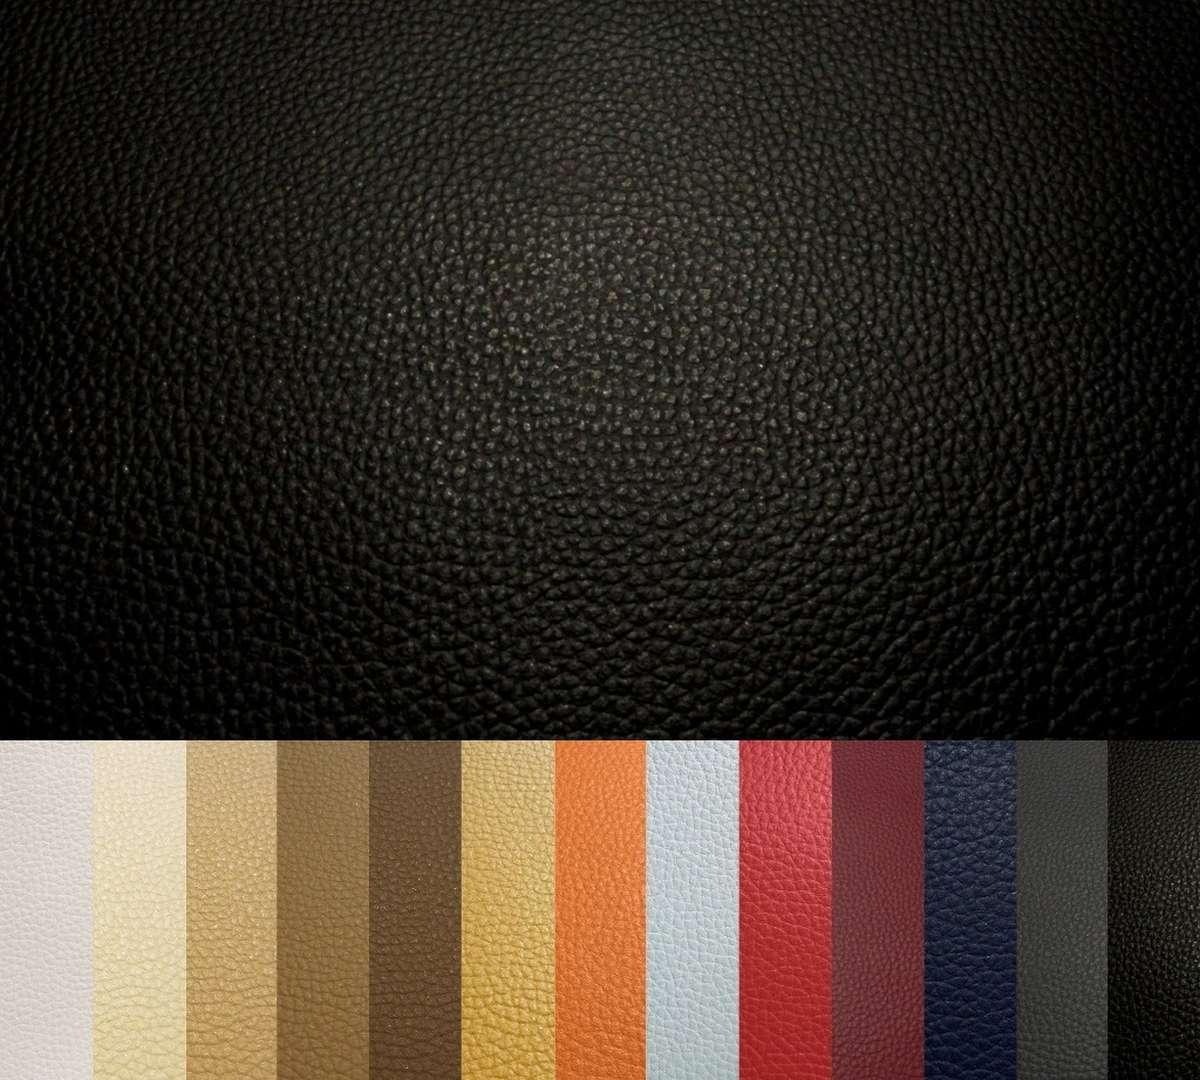 KUNSTLEDER PVC Leder Stoff Möbel Sitzbezug Polster Muster